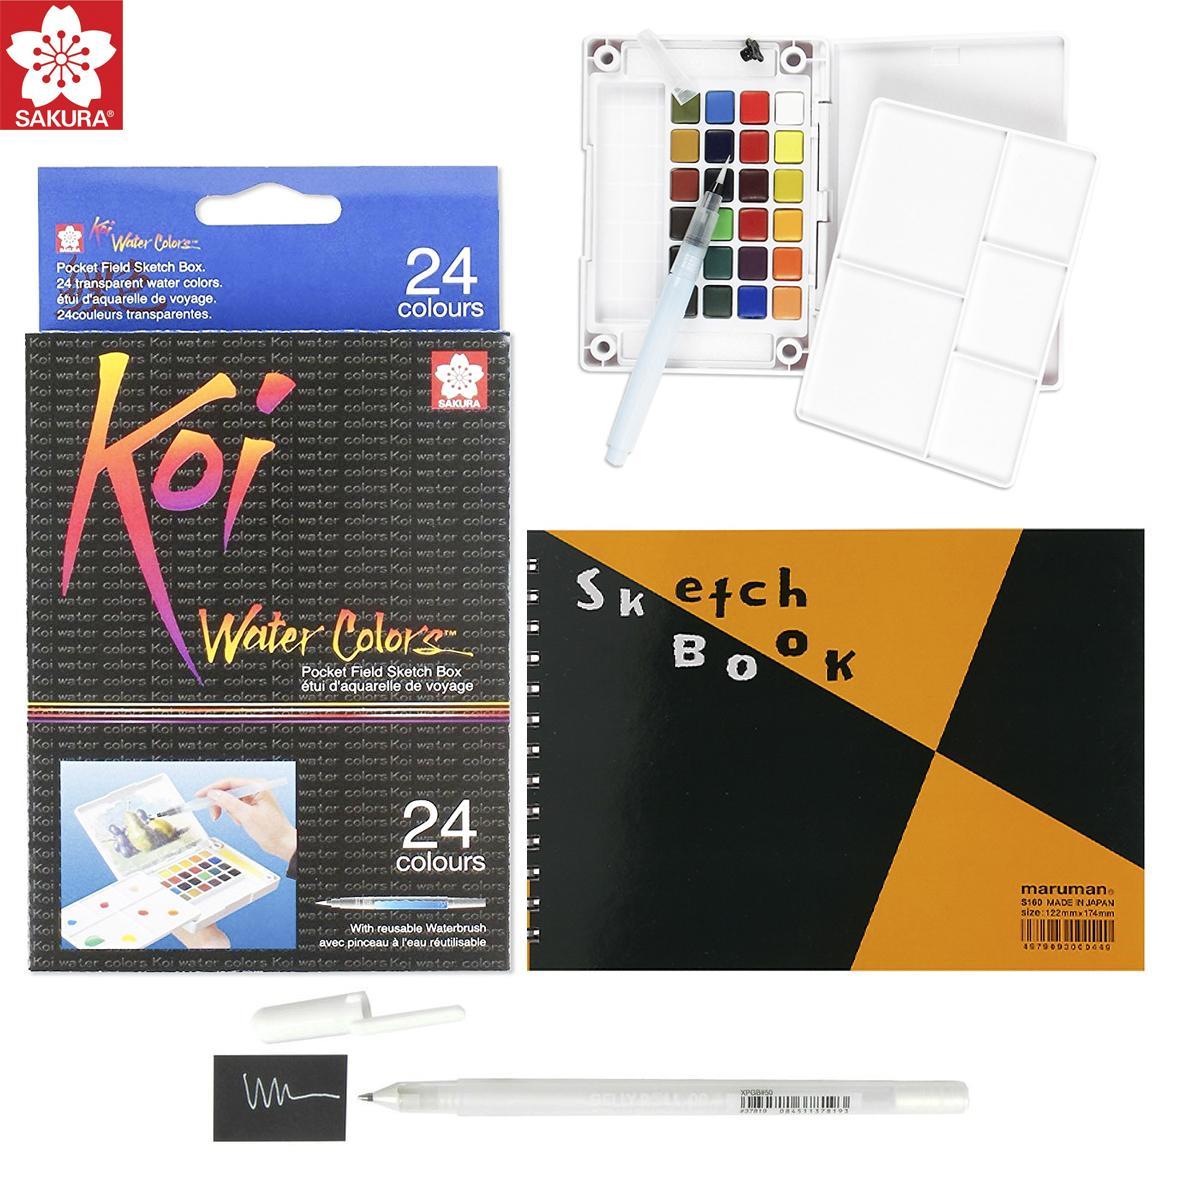 Mua Màu Nước Sakura Koi 24 Màu - Tặng Sổ Sketch Book kèm Bút Gelly trắng Sakura và bảng pha màu